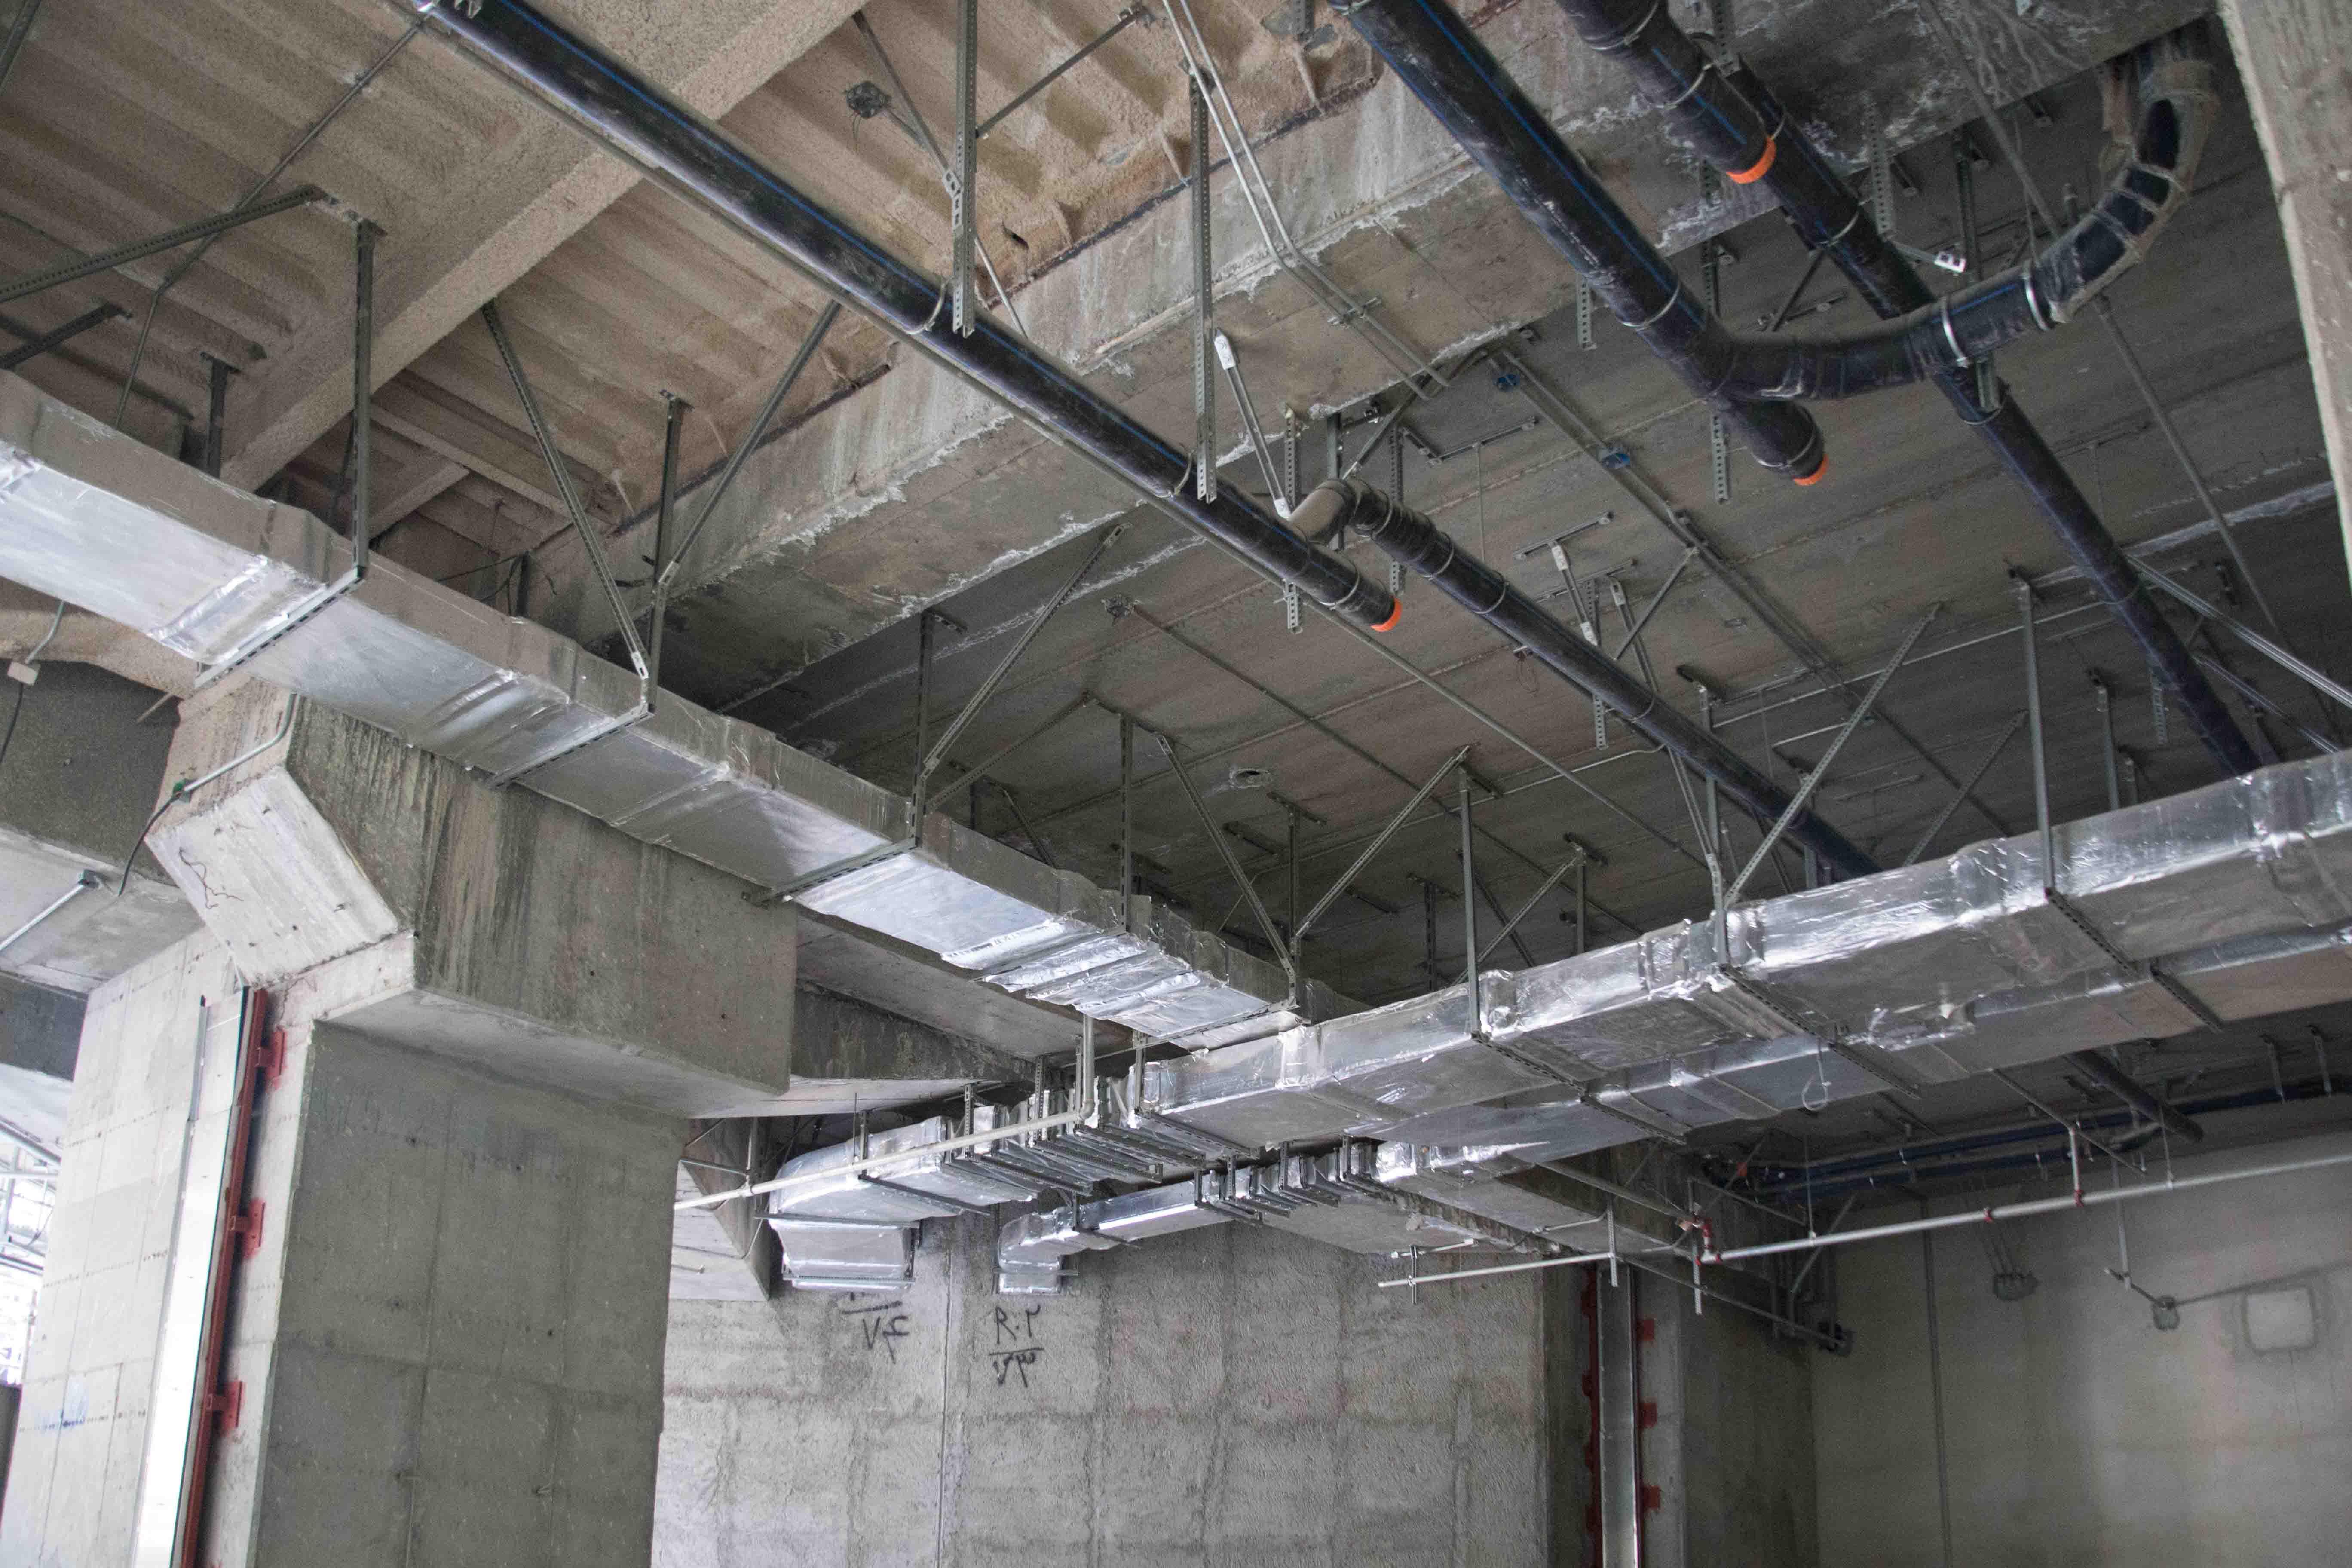 تأسيسات مكانيكي و الکتریکی واقع در طبقه R2 پروژه ایران مال